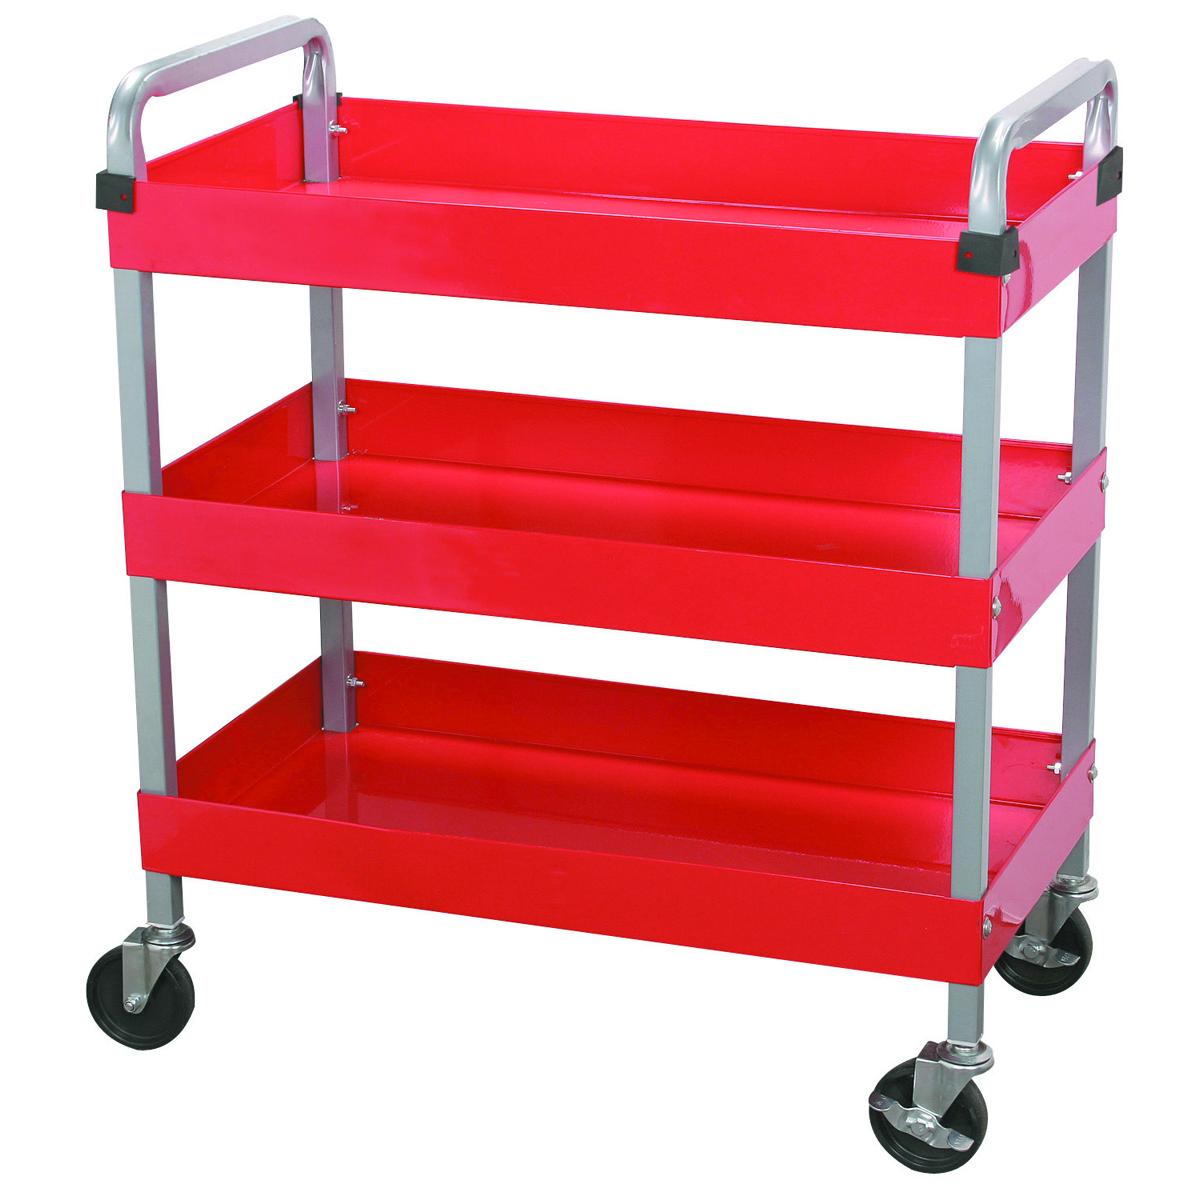 U.S. GENERAL 30 In. x 16 In. Three Shelf Steel Service Cart - Item 97542